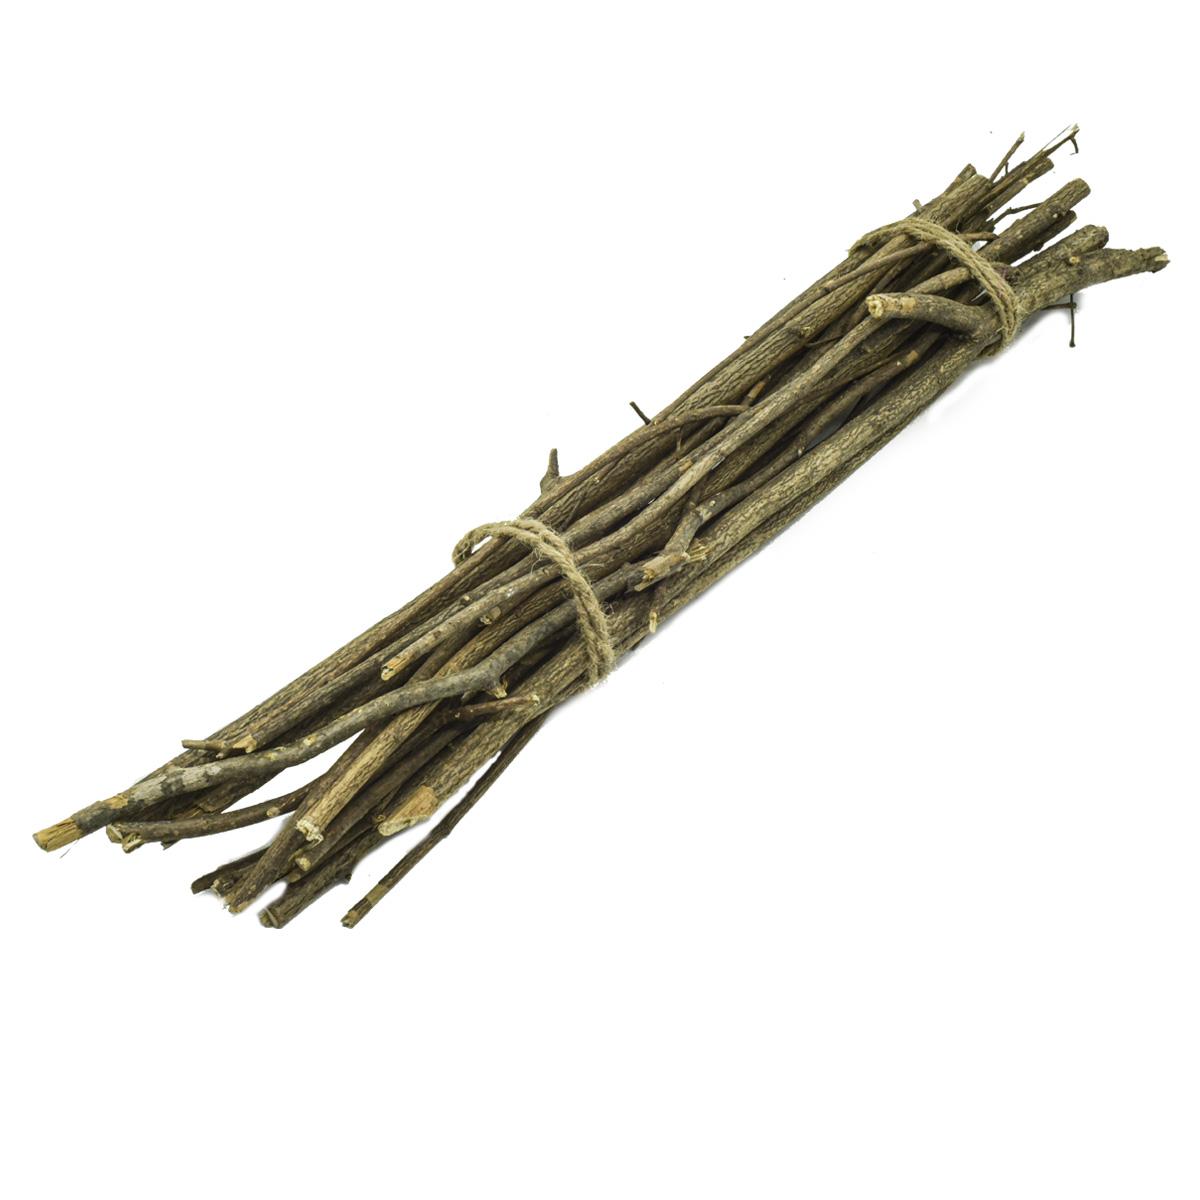 YW230 Хворост декоративный натуральный (орешник), 50см